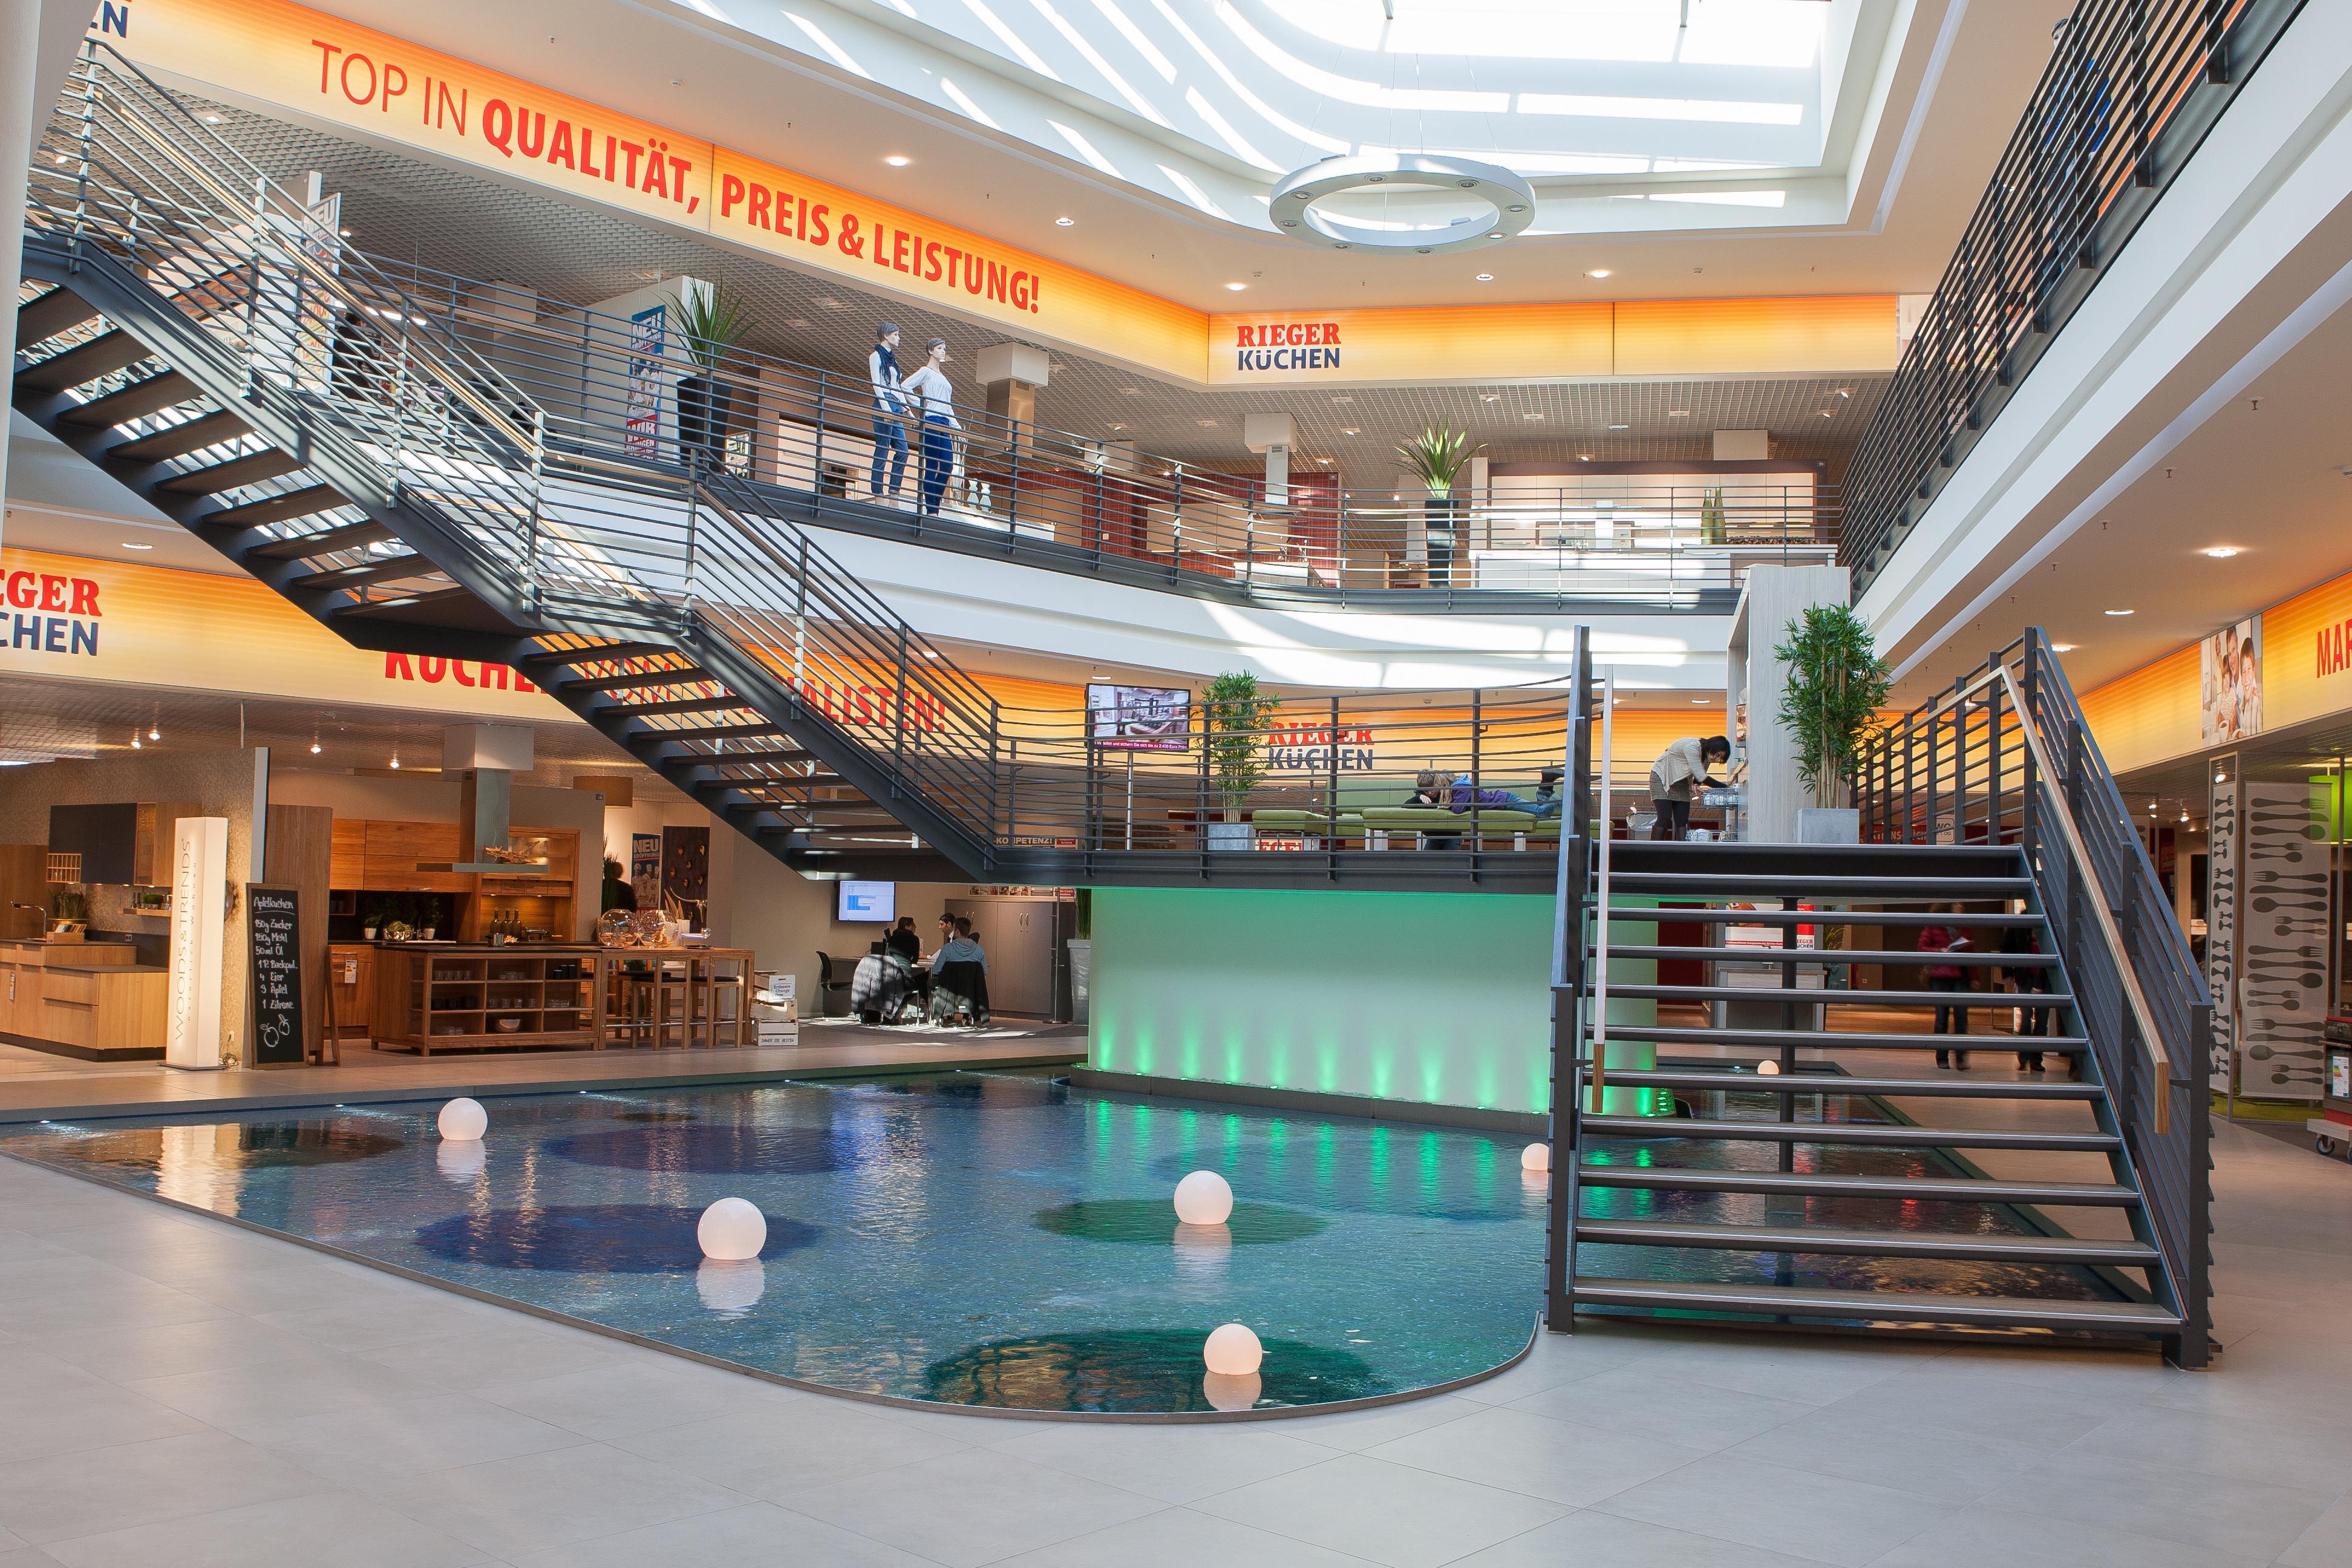 Shopping center Mobel Rieger - KÜCHEN - Atlas Concorde